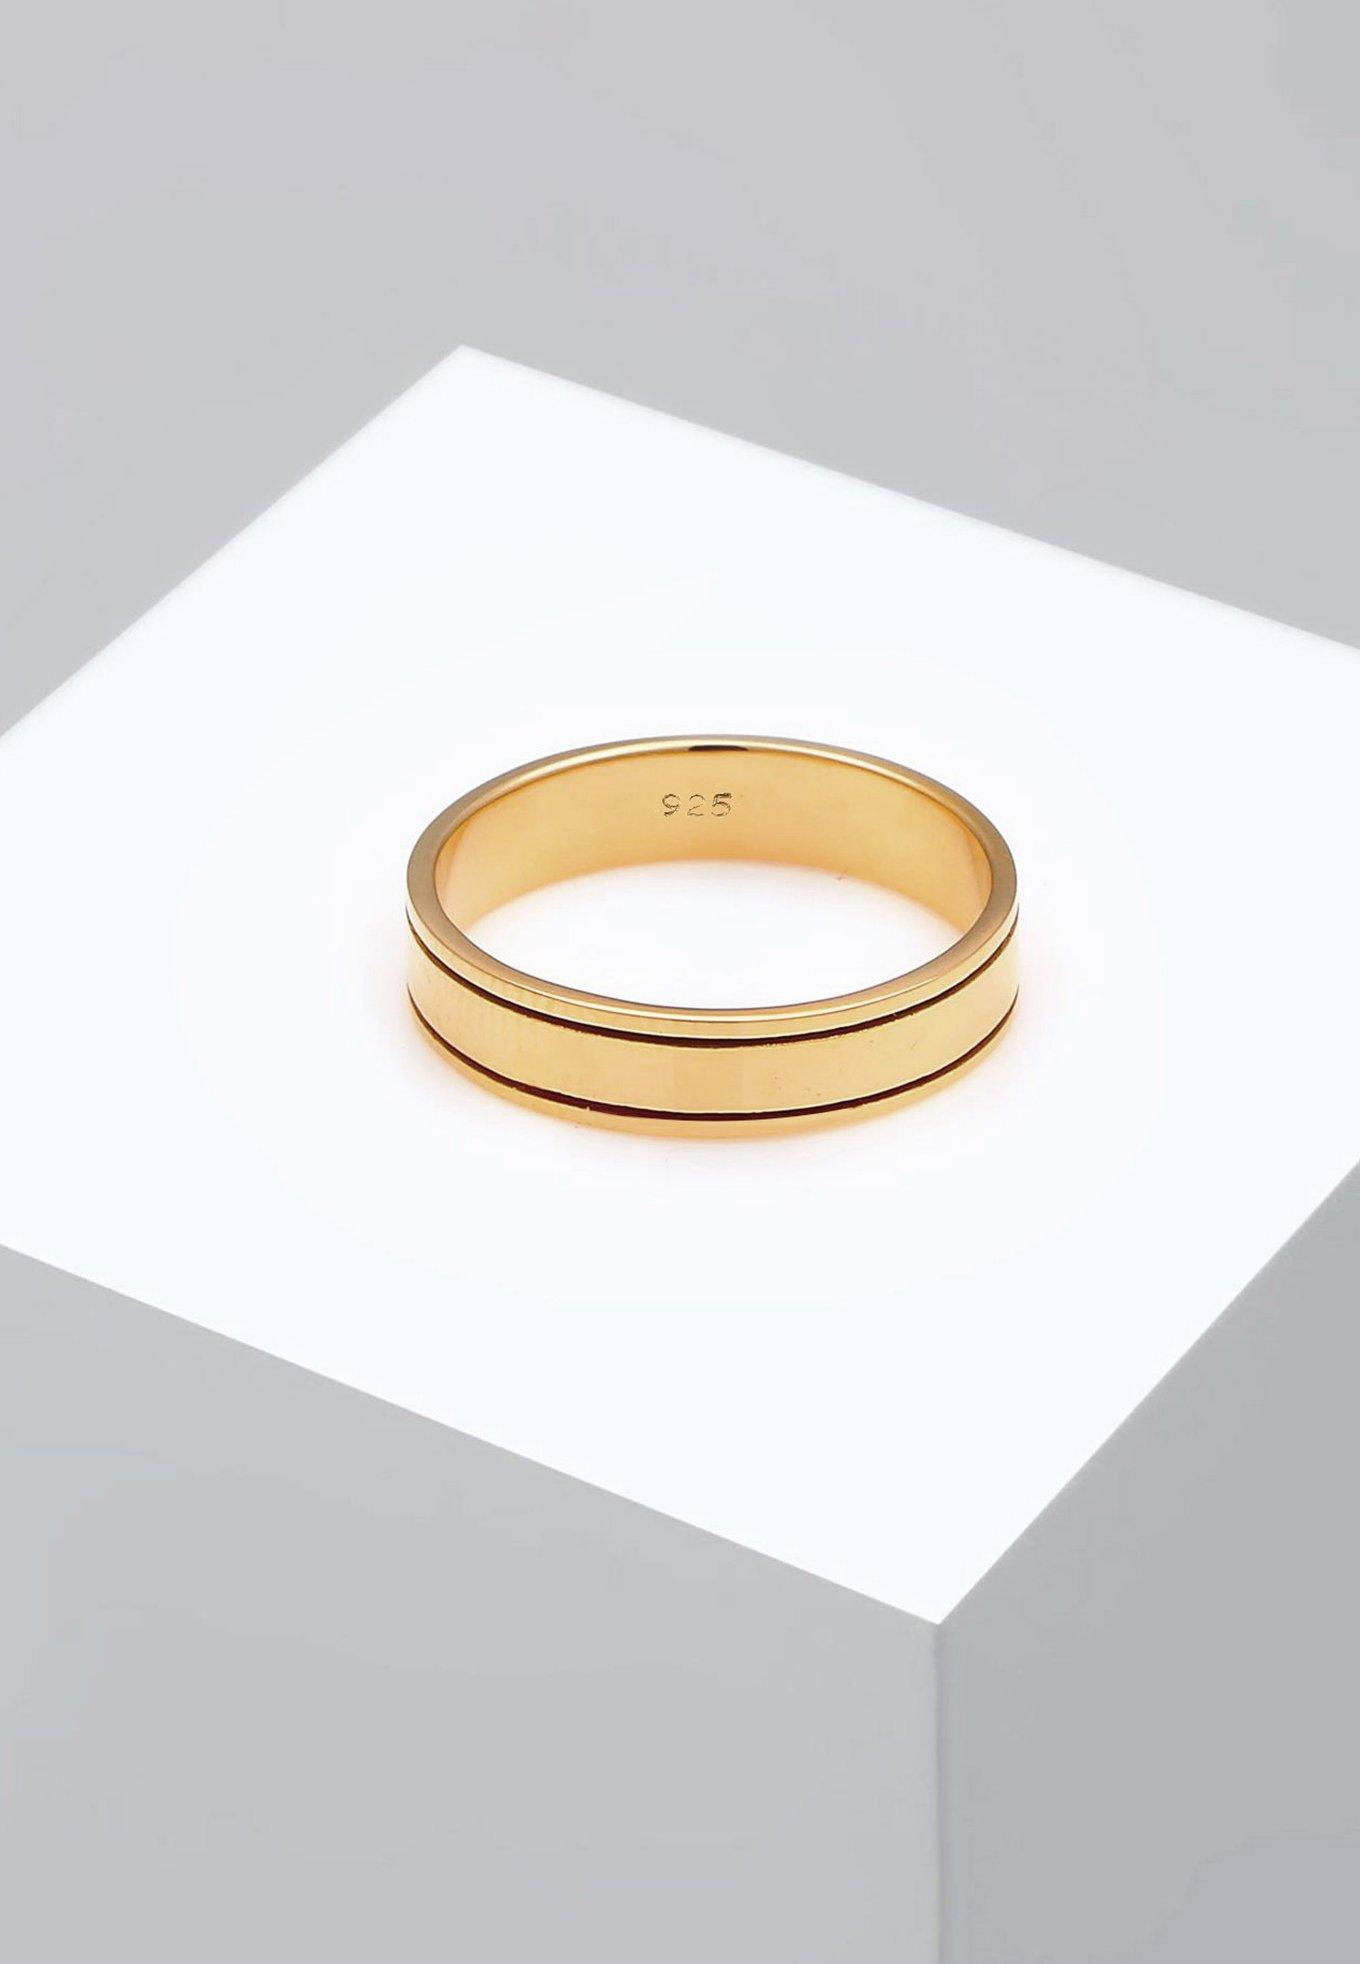 Zoeken Naar Hot Koop Accessoires voor heren IHI564JFOIElli Ring gold-coloured 296a1IC